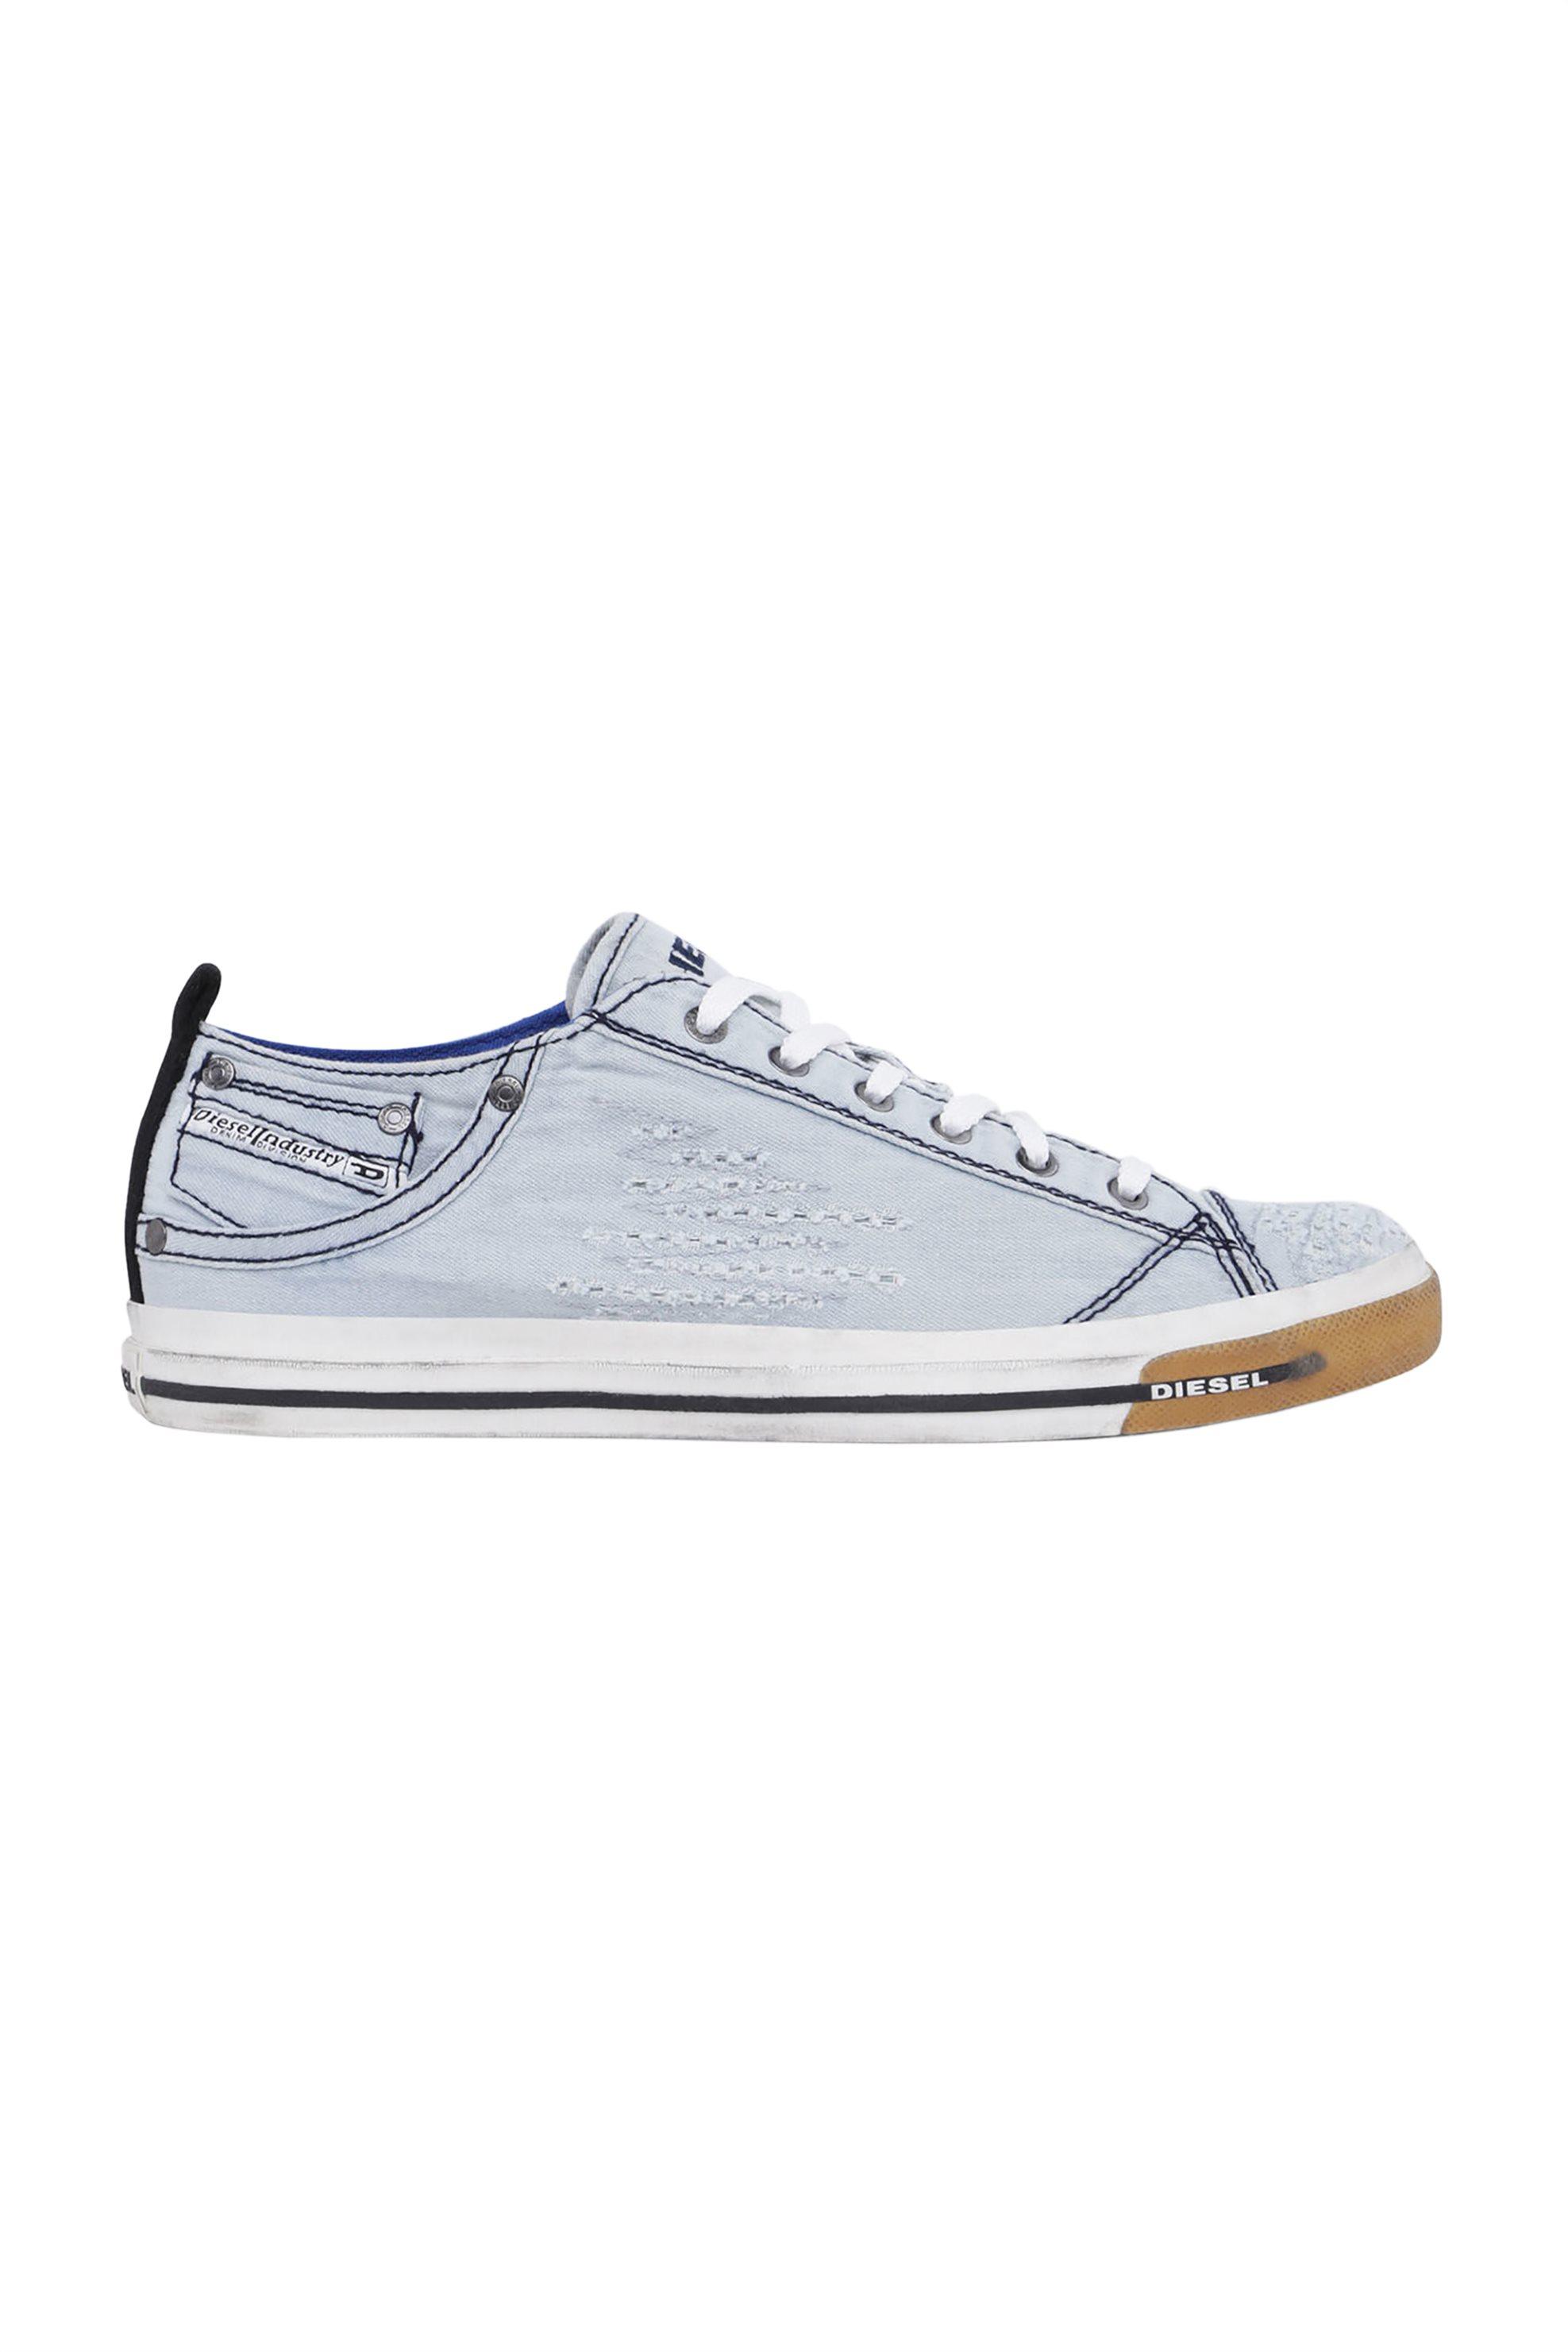 Notos Diesel ανδρικά sneakers denim Exposure Low – Y00321 P2055 – Γαλάζιο 52ec990a122